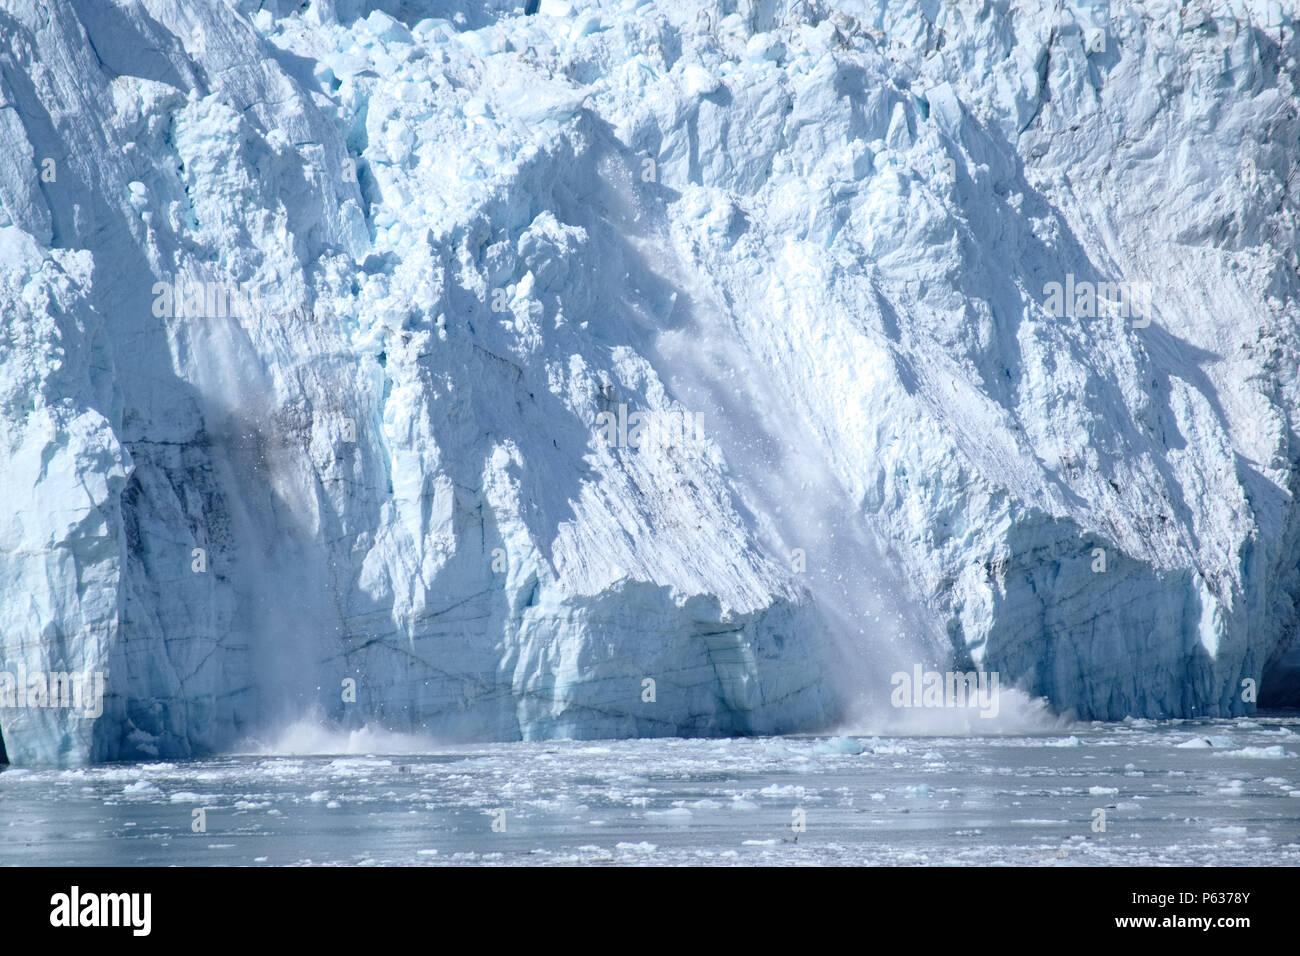 Calving at Glacier Bay, Alaska 2018 - Stock Image